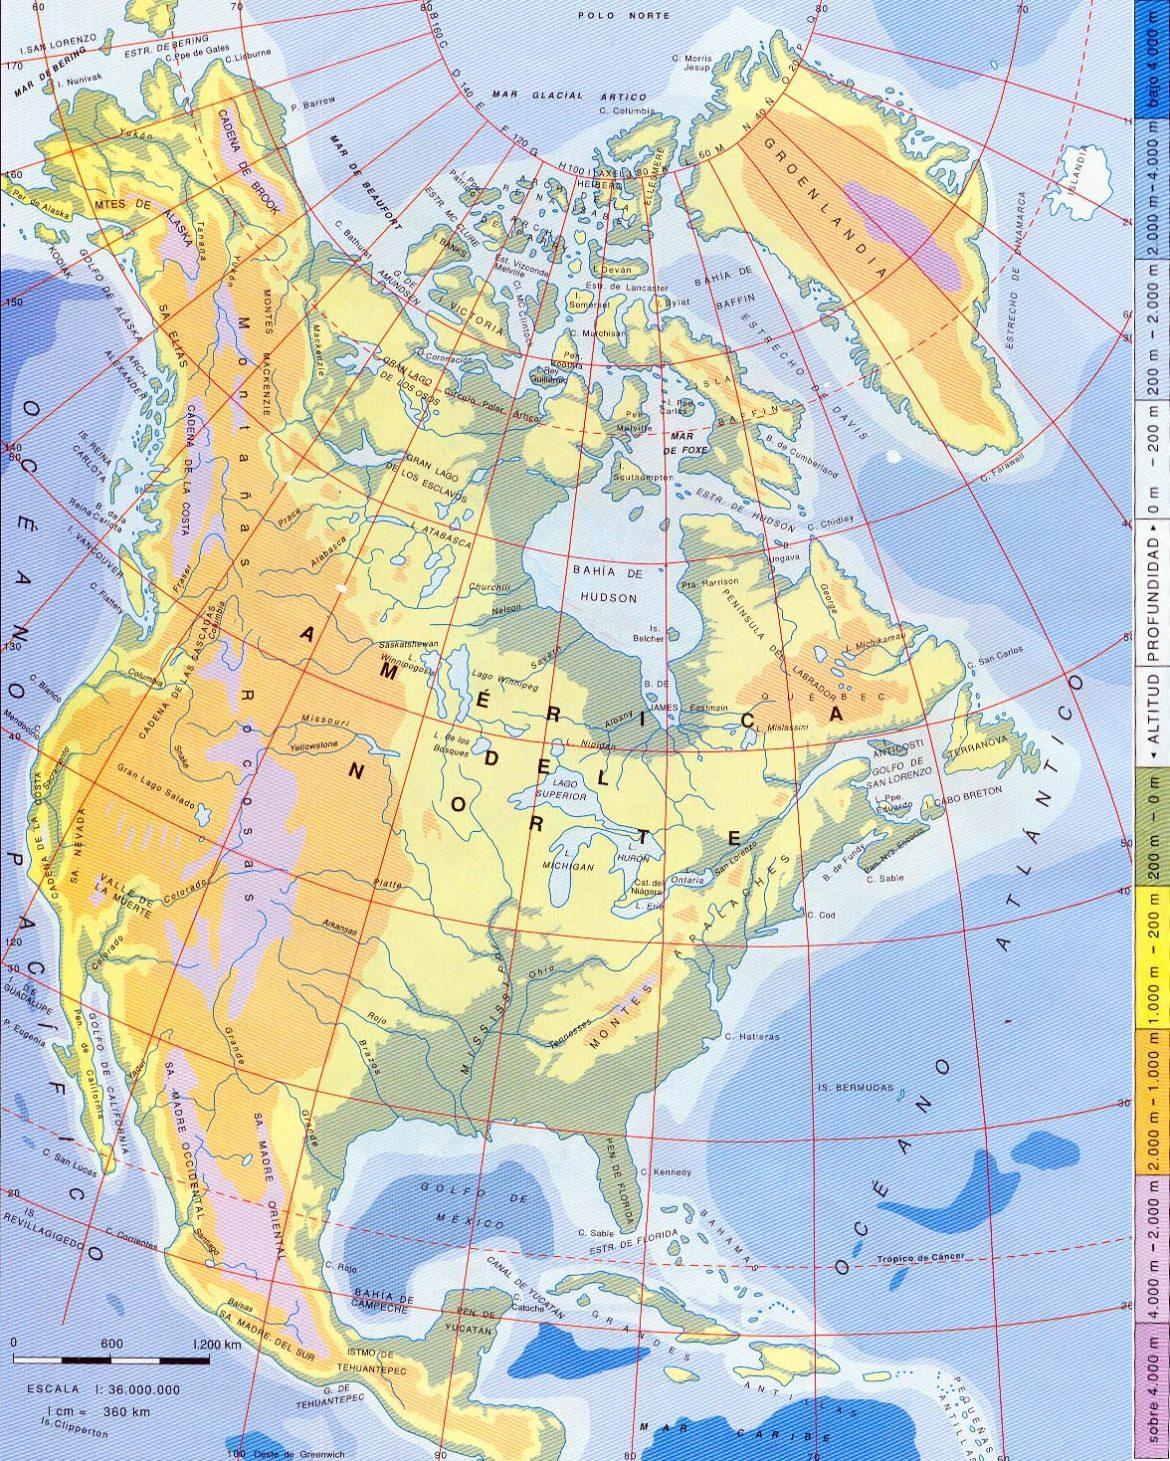 Mapa fisico mudo oceania para imprimir, masquelibros